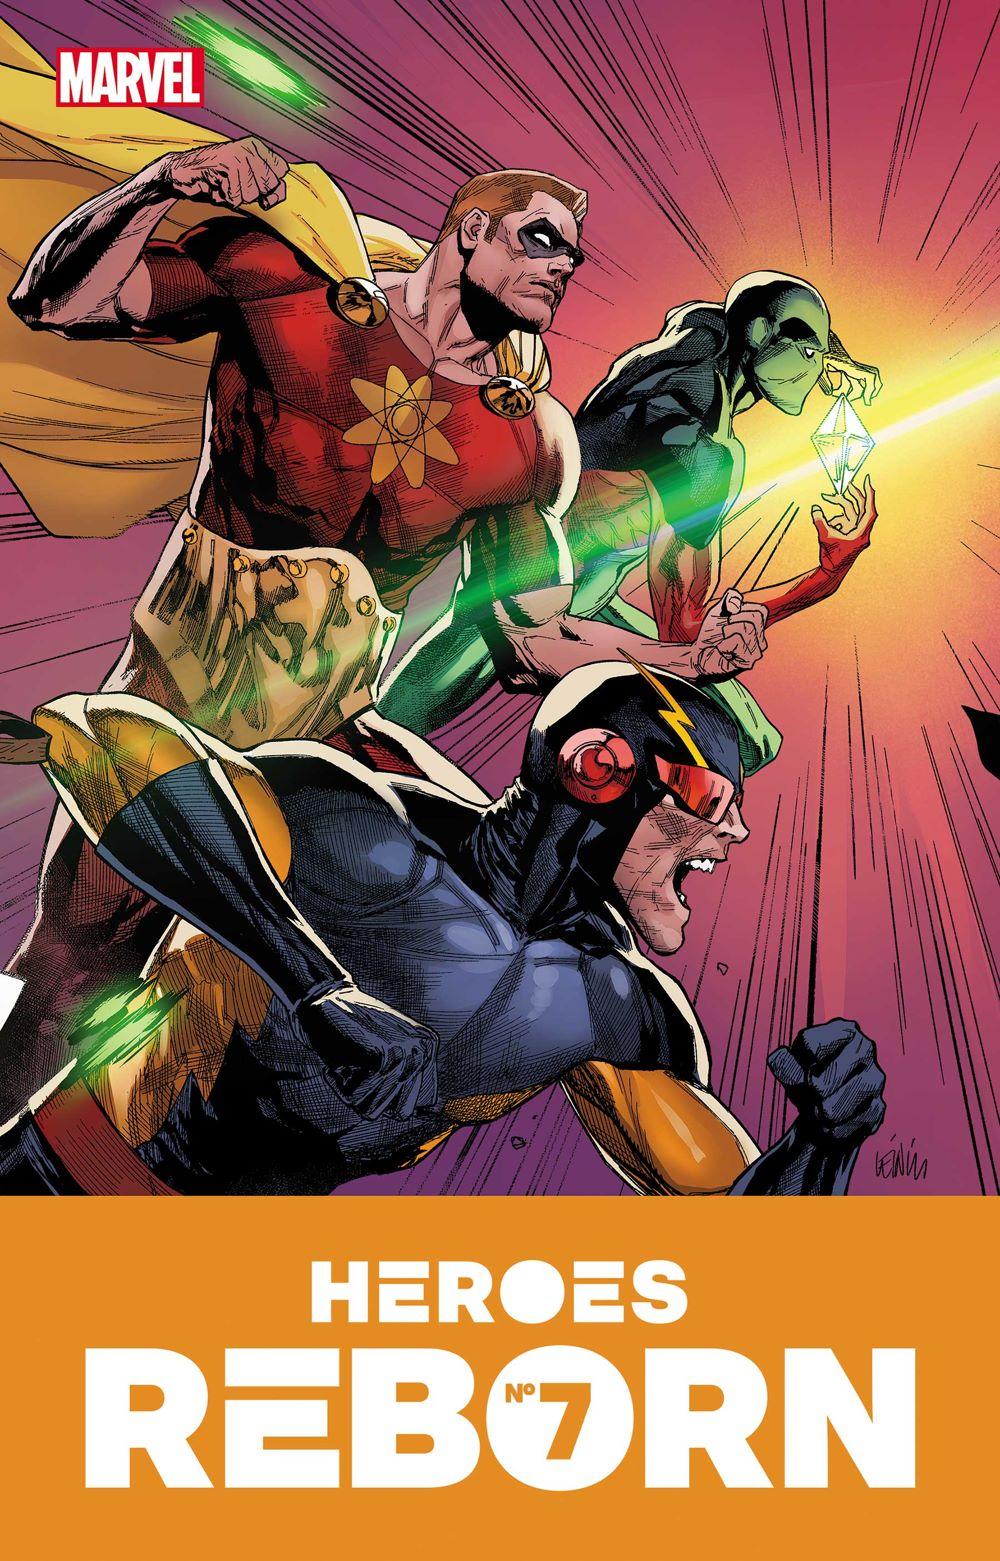 HEROESREBORN2021007_COV Marvel Comics June 2021 Solicitations